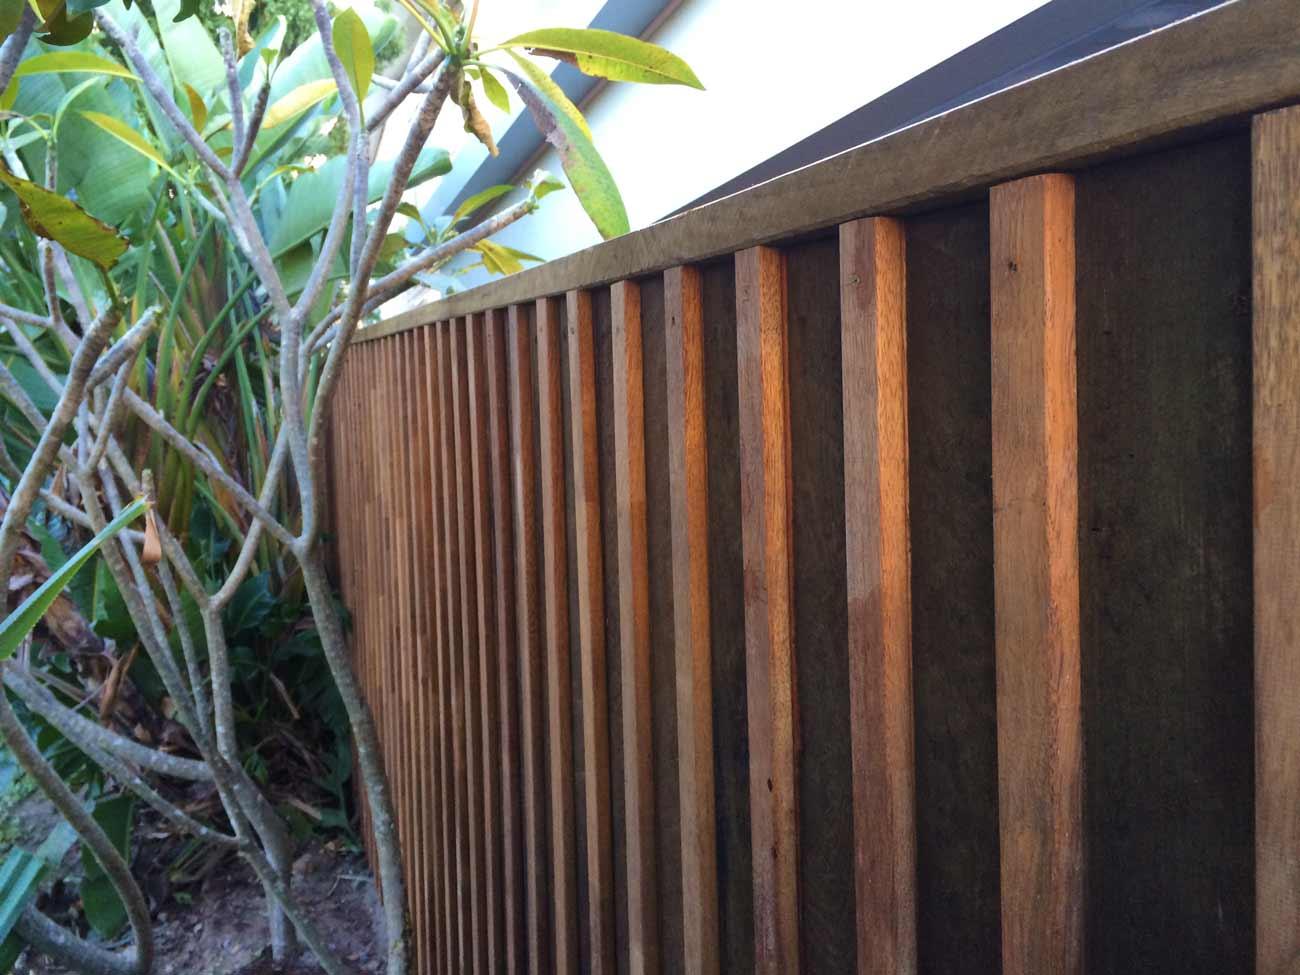 Gold coast fencescape fencing hardwood paling merbau insert fence workwithnaturefo